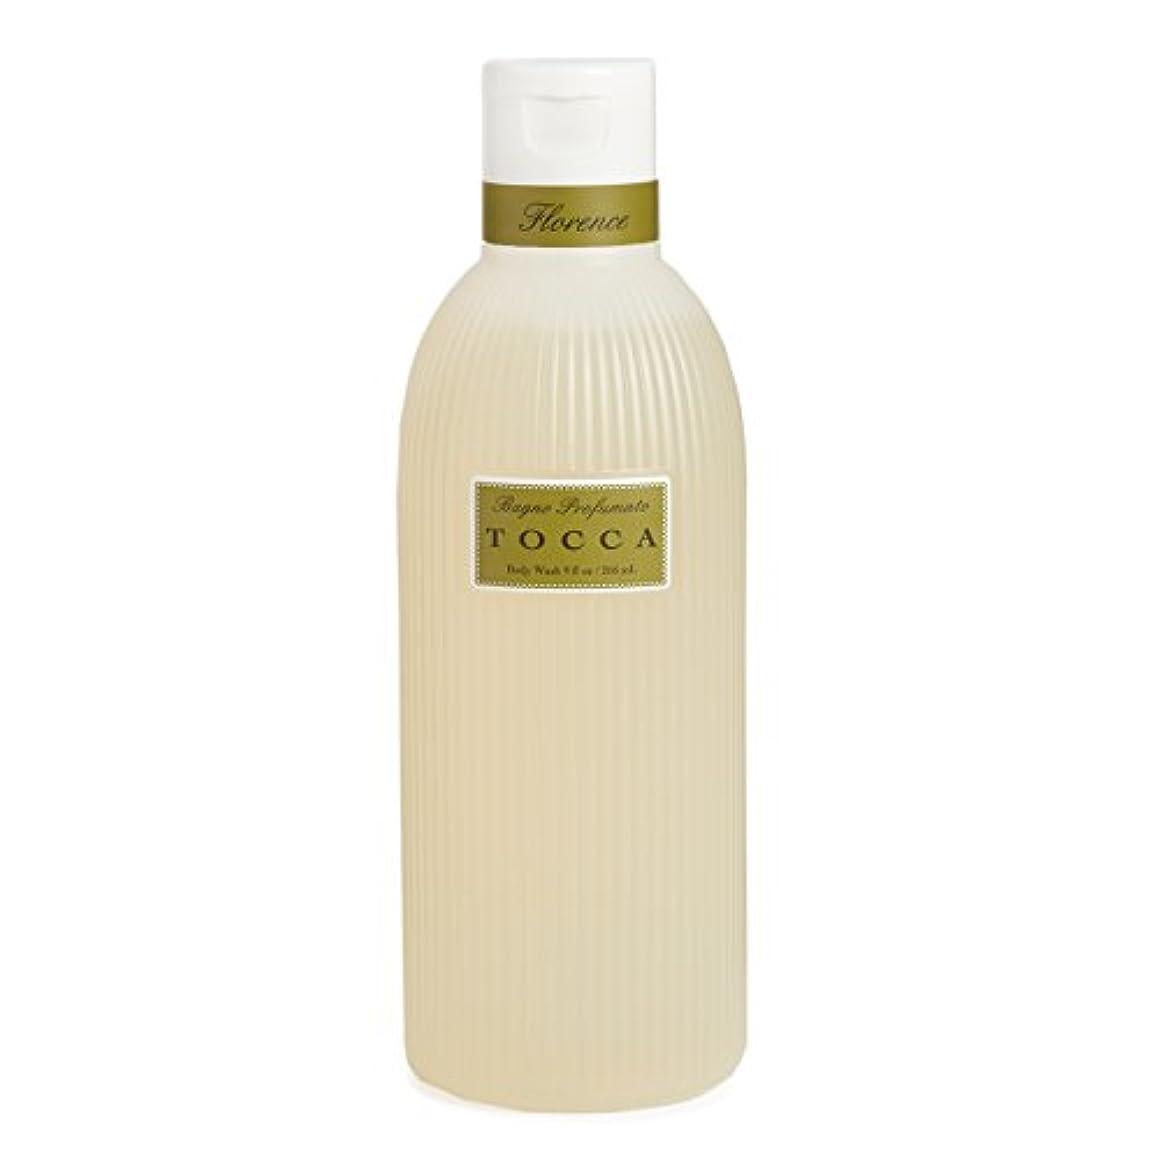 いちゃつくヘクタール失速トッカ(TOCCA) ボディーケアウォッシュ フローレンスの香り 266ml(全身用洗浄料 ボディーソープ ガーデニアとベルガモットが誘うように溶け合うどこまでも上品なフローラルの香り)